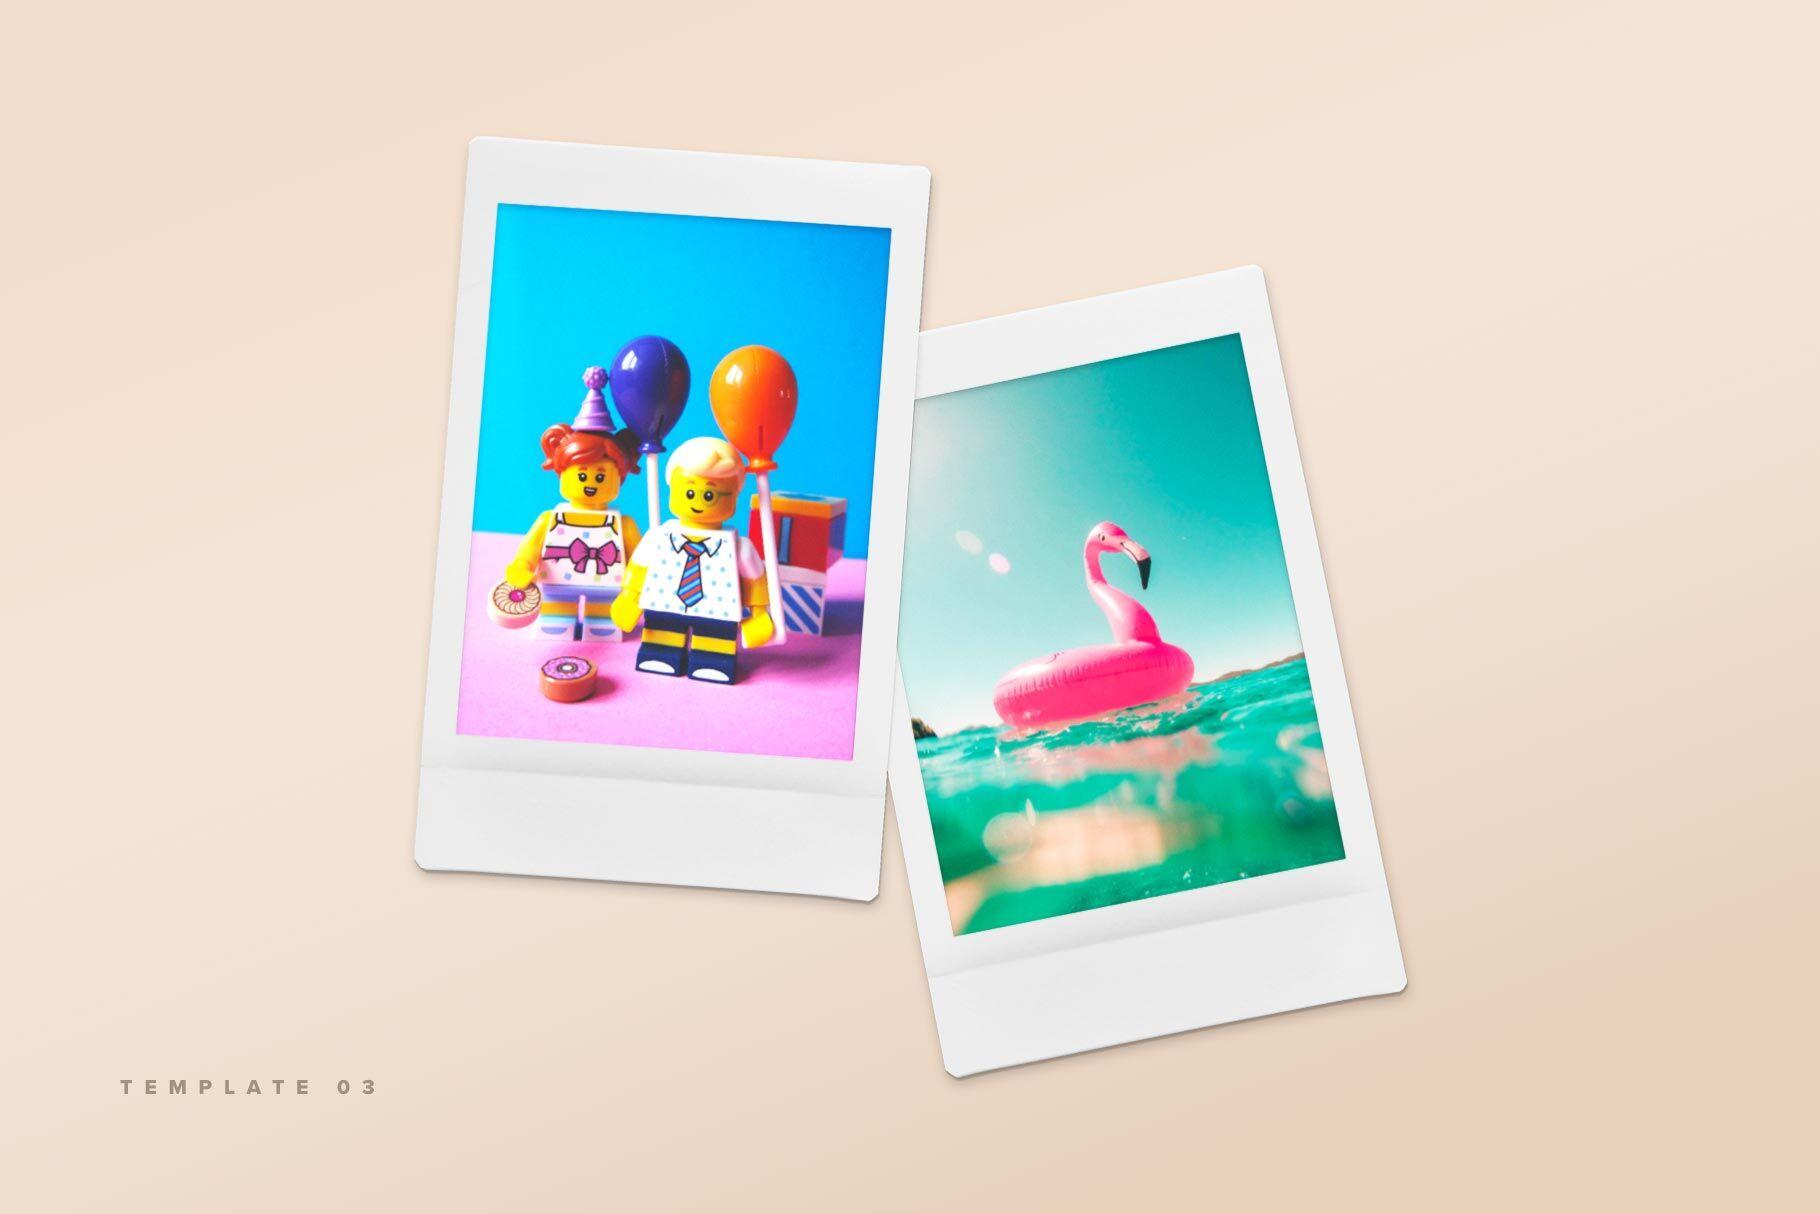 Polaroid Mockup Free Psd